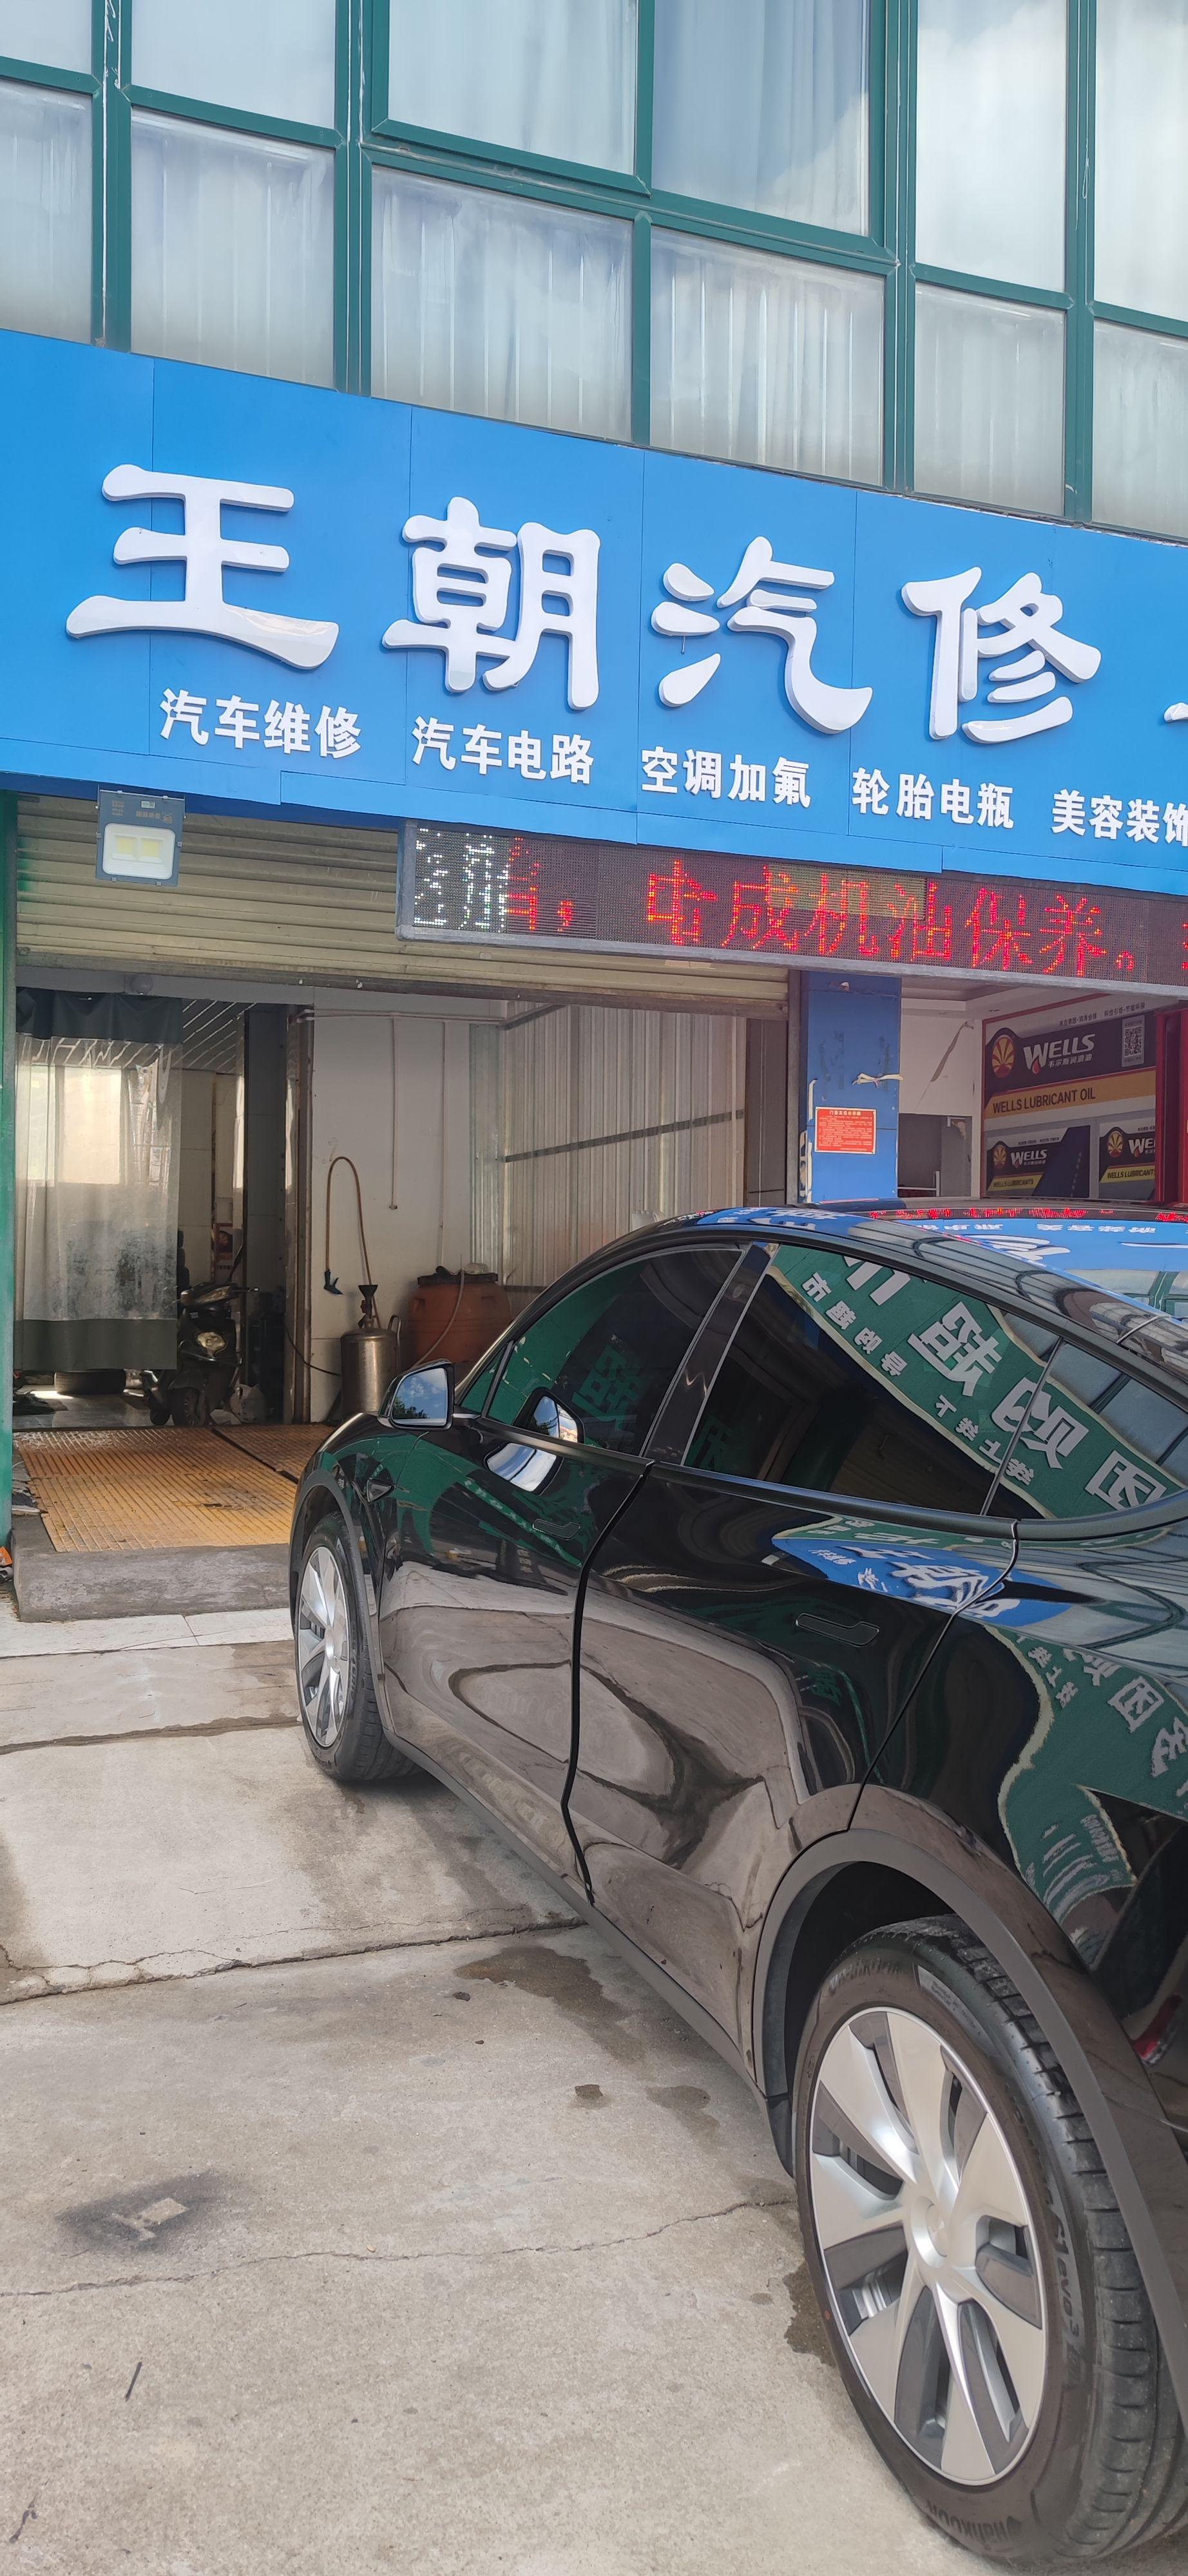 王朝汽车维修养护中心